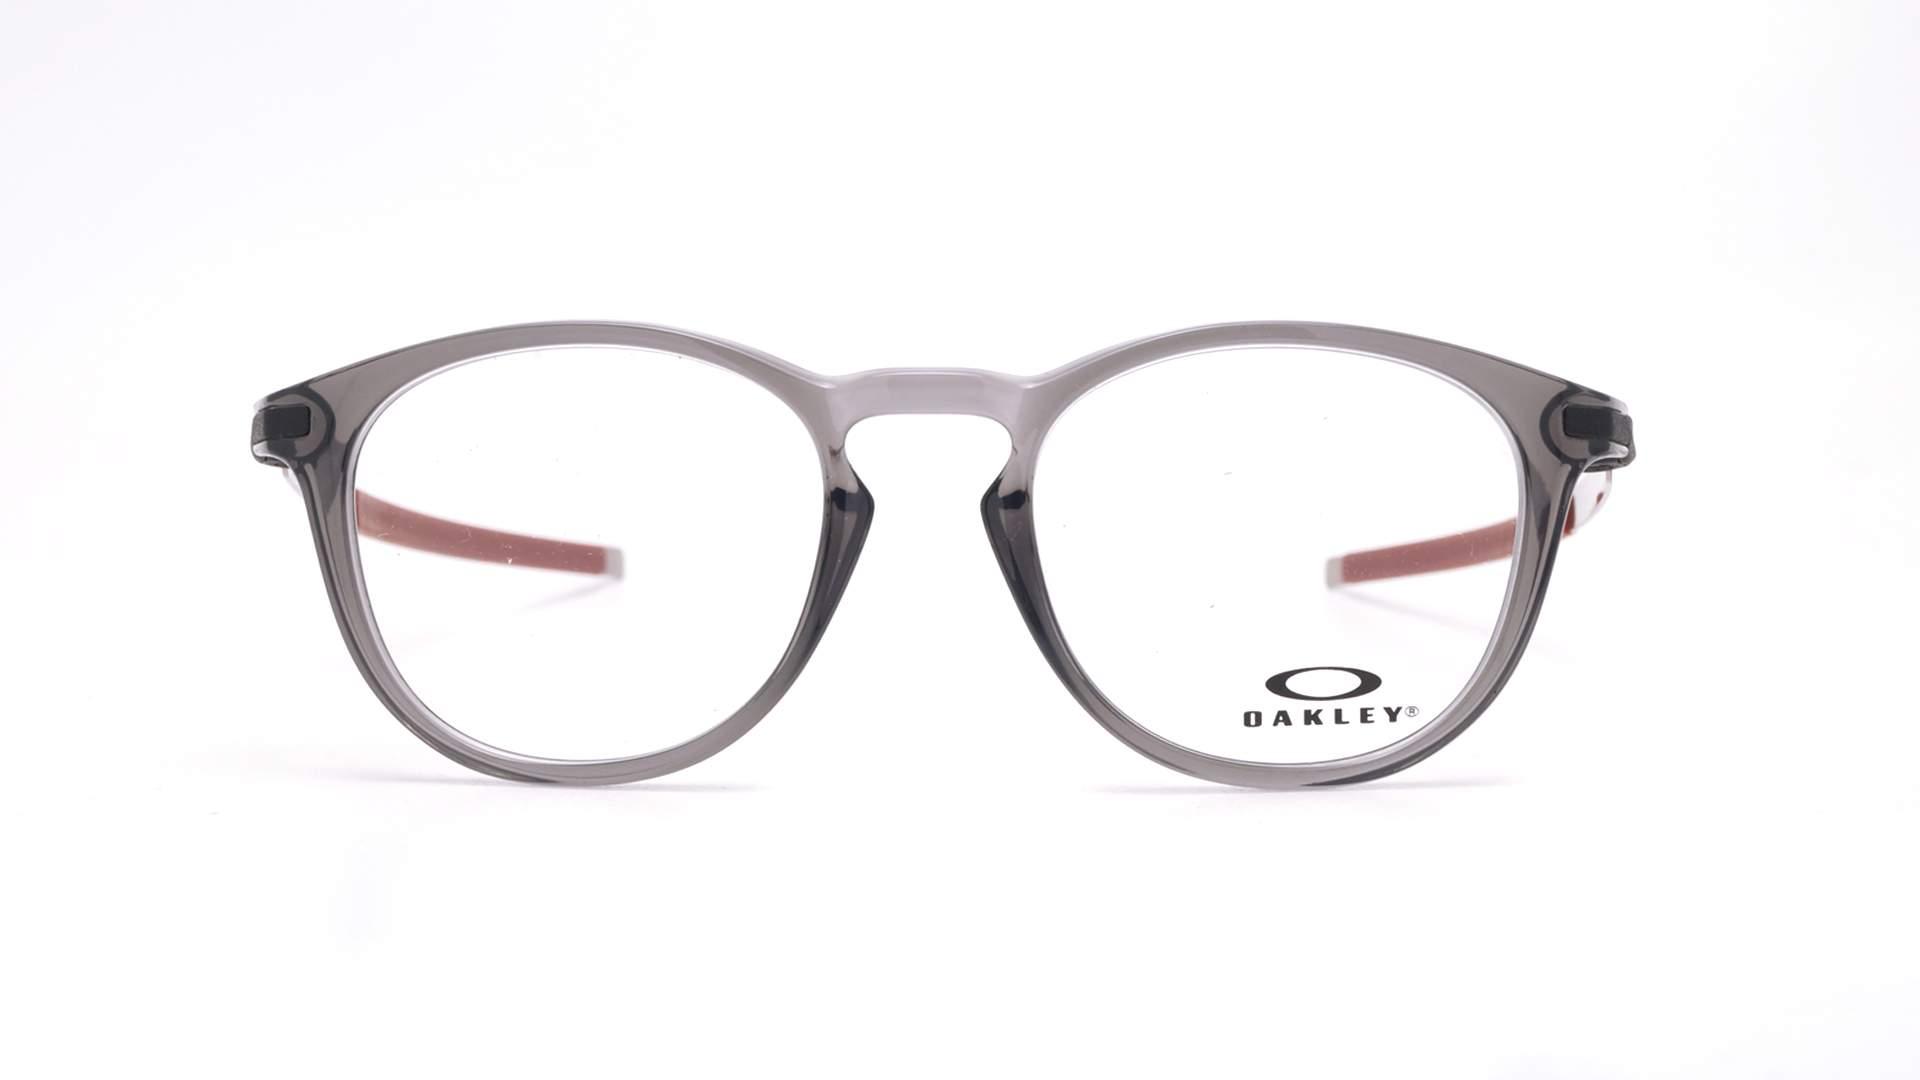 9ea94cb741 Eyeglasses Oakley Pitchman R Clear OX8105 02 50-19 Medium